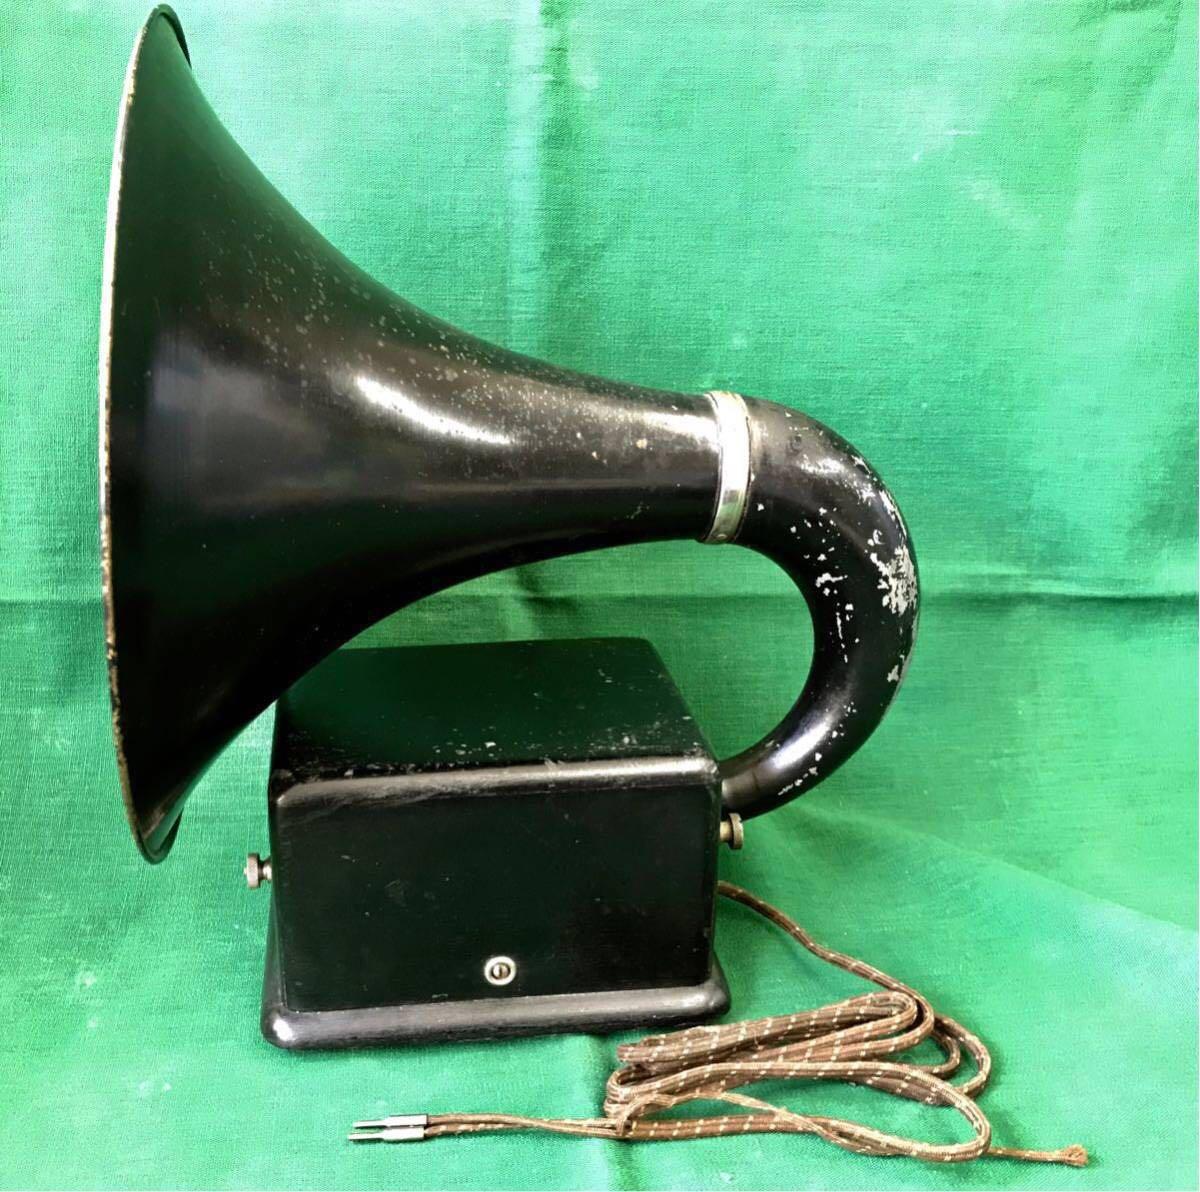 ラジオホーン Dictogrand 1920's Type R-4 良品_画像3